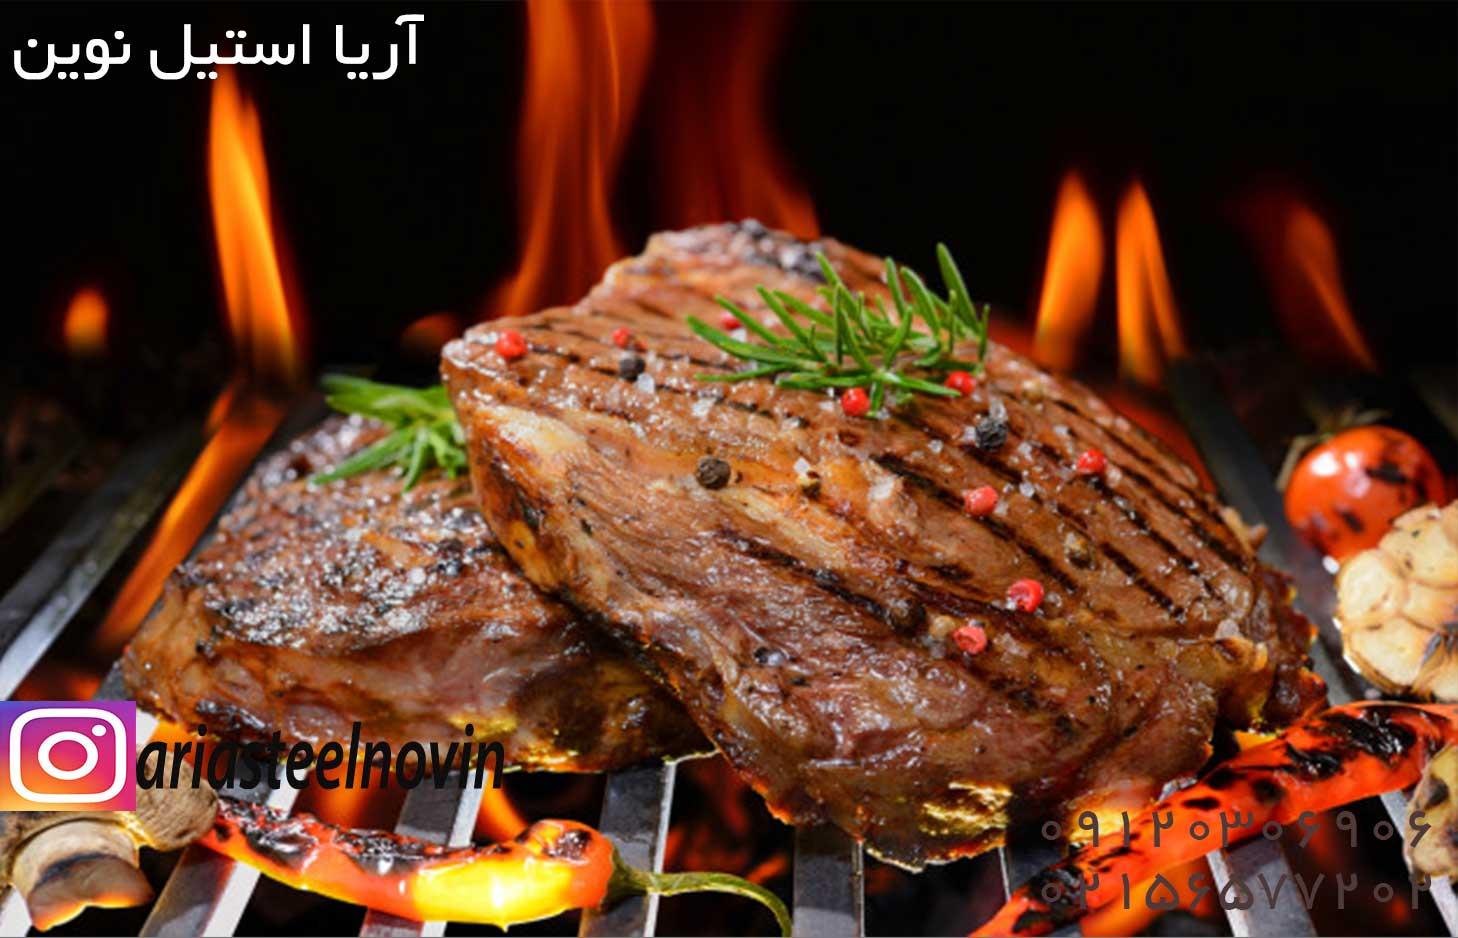 استیک گوشت خوشمزه و عالی با پخت در دستگاه گریل ذغالی عالی میباشد